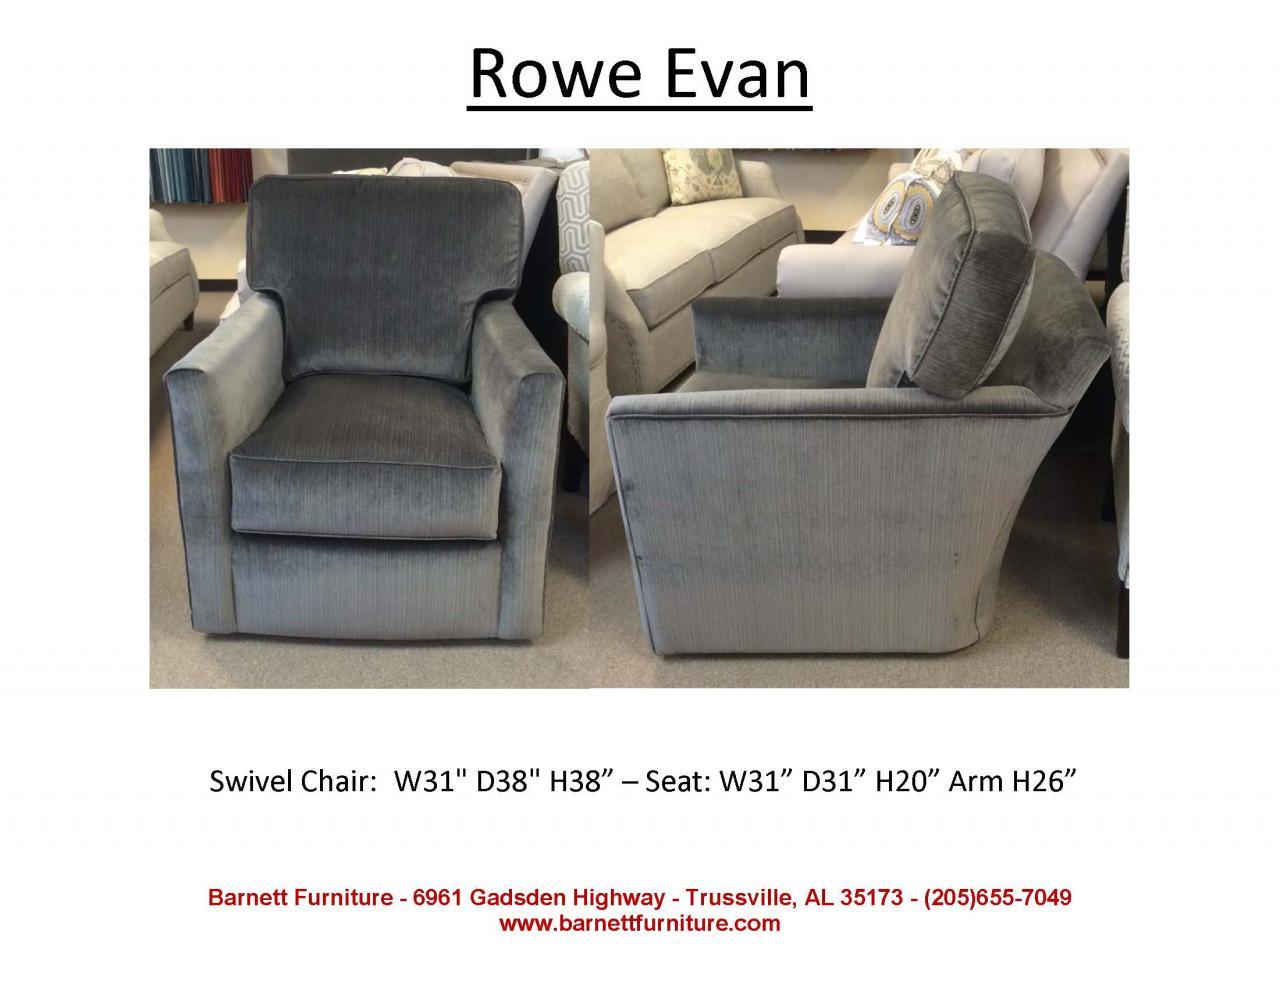 Superieur ... Rowe Evan Swivel Chair ...